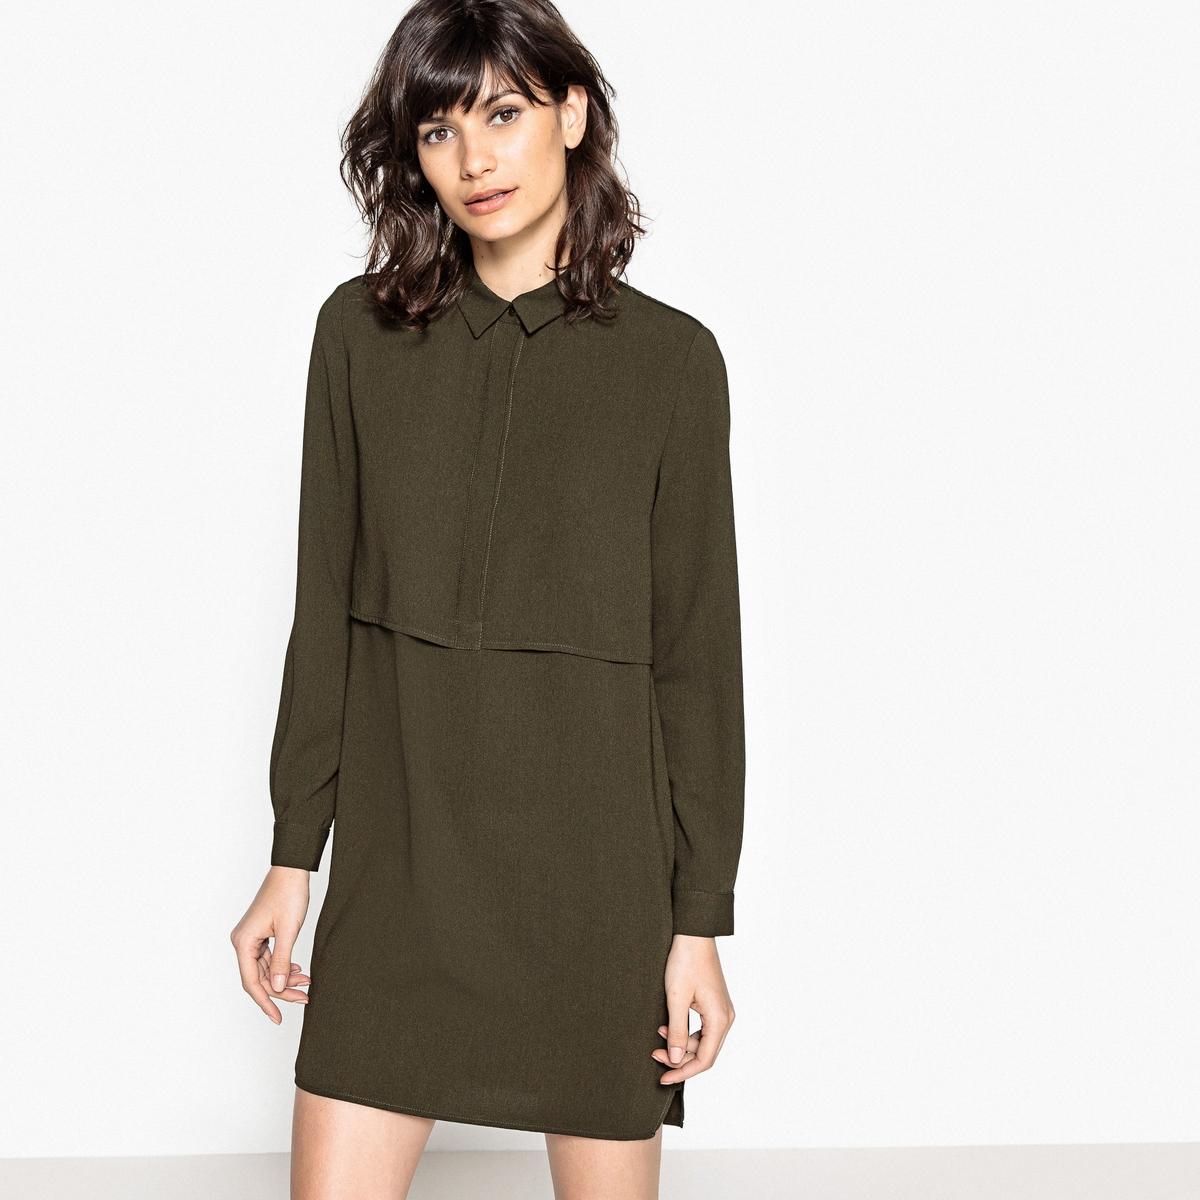 Платье-рубашка короткое, рукава длинныеДетали •  Форма : прямая  •  короткое  •  Длинные рукава     •  Воротник-поло, рубашечный Состав и уход •  100% полиэстер  •  Следуйте советам по уходу, указанным на этикетке<br><br>Цвет: хаки,черный<br>Размер: M.XS.M.S